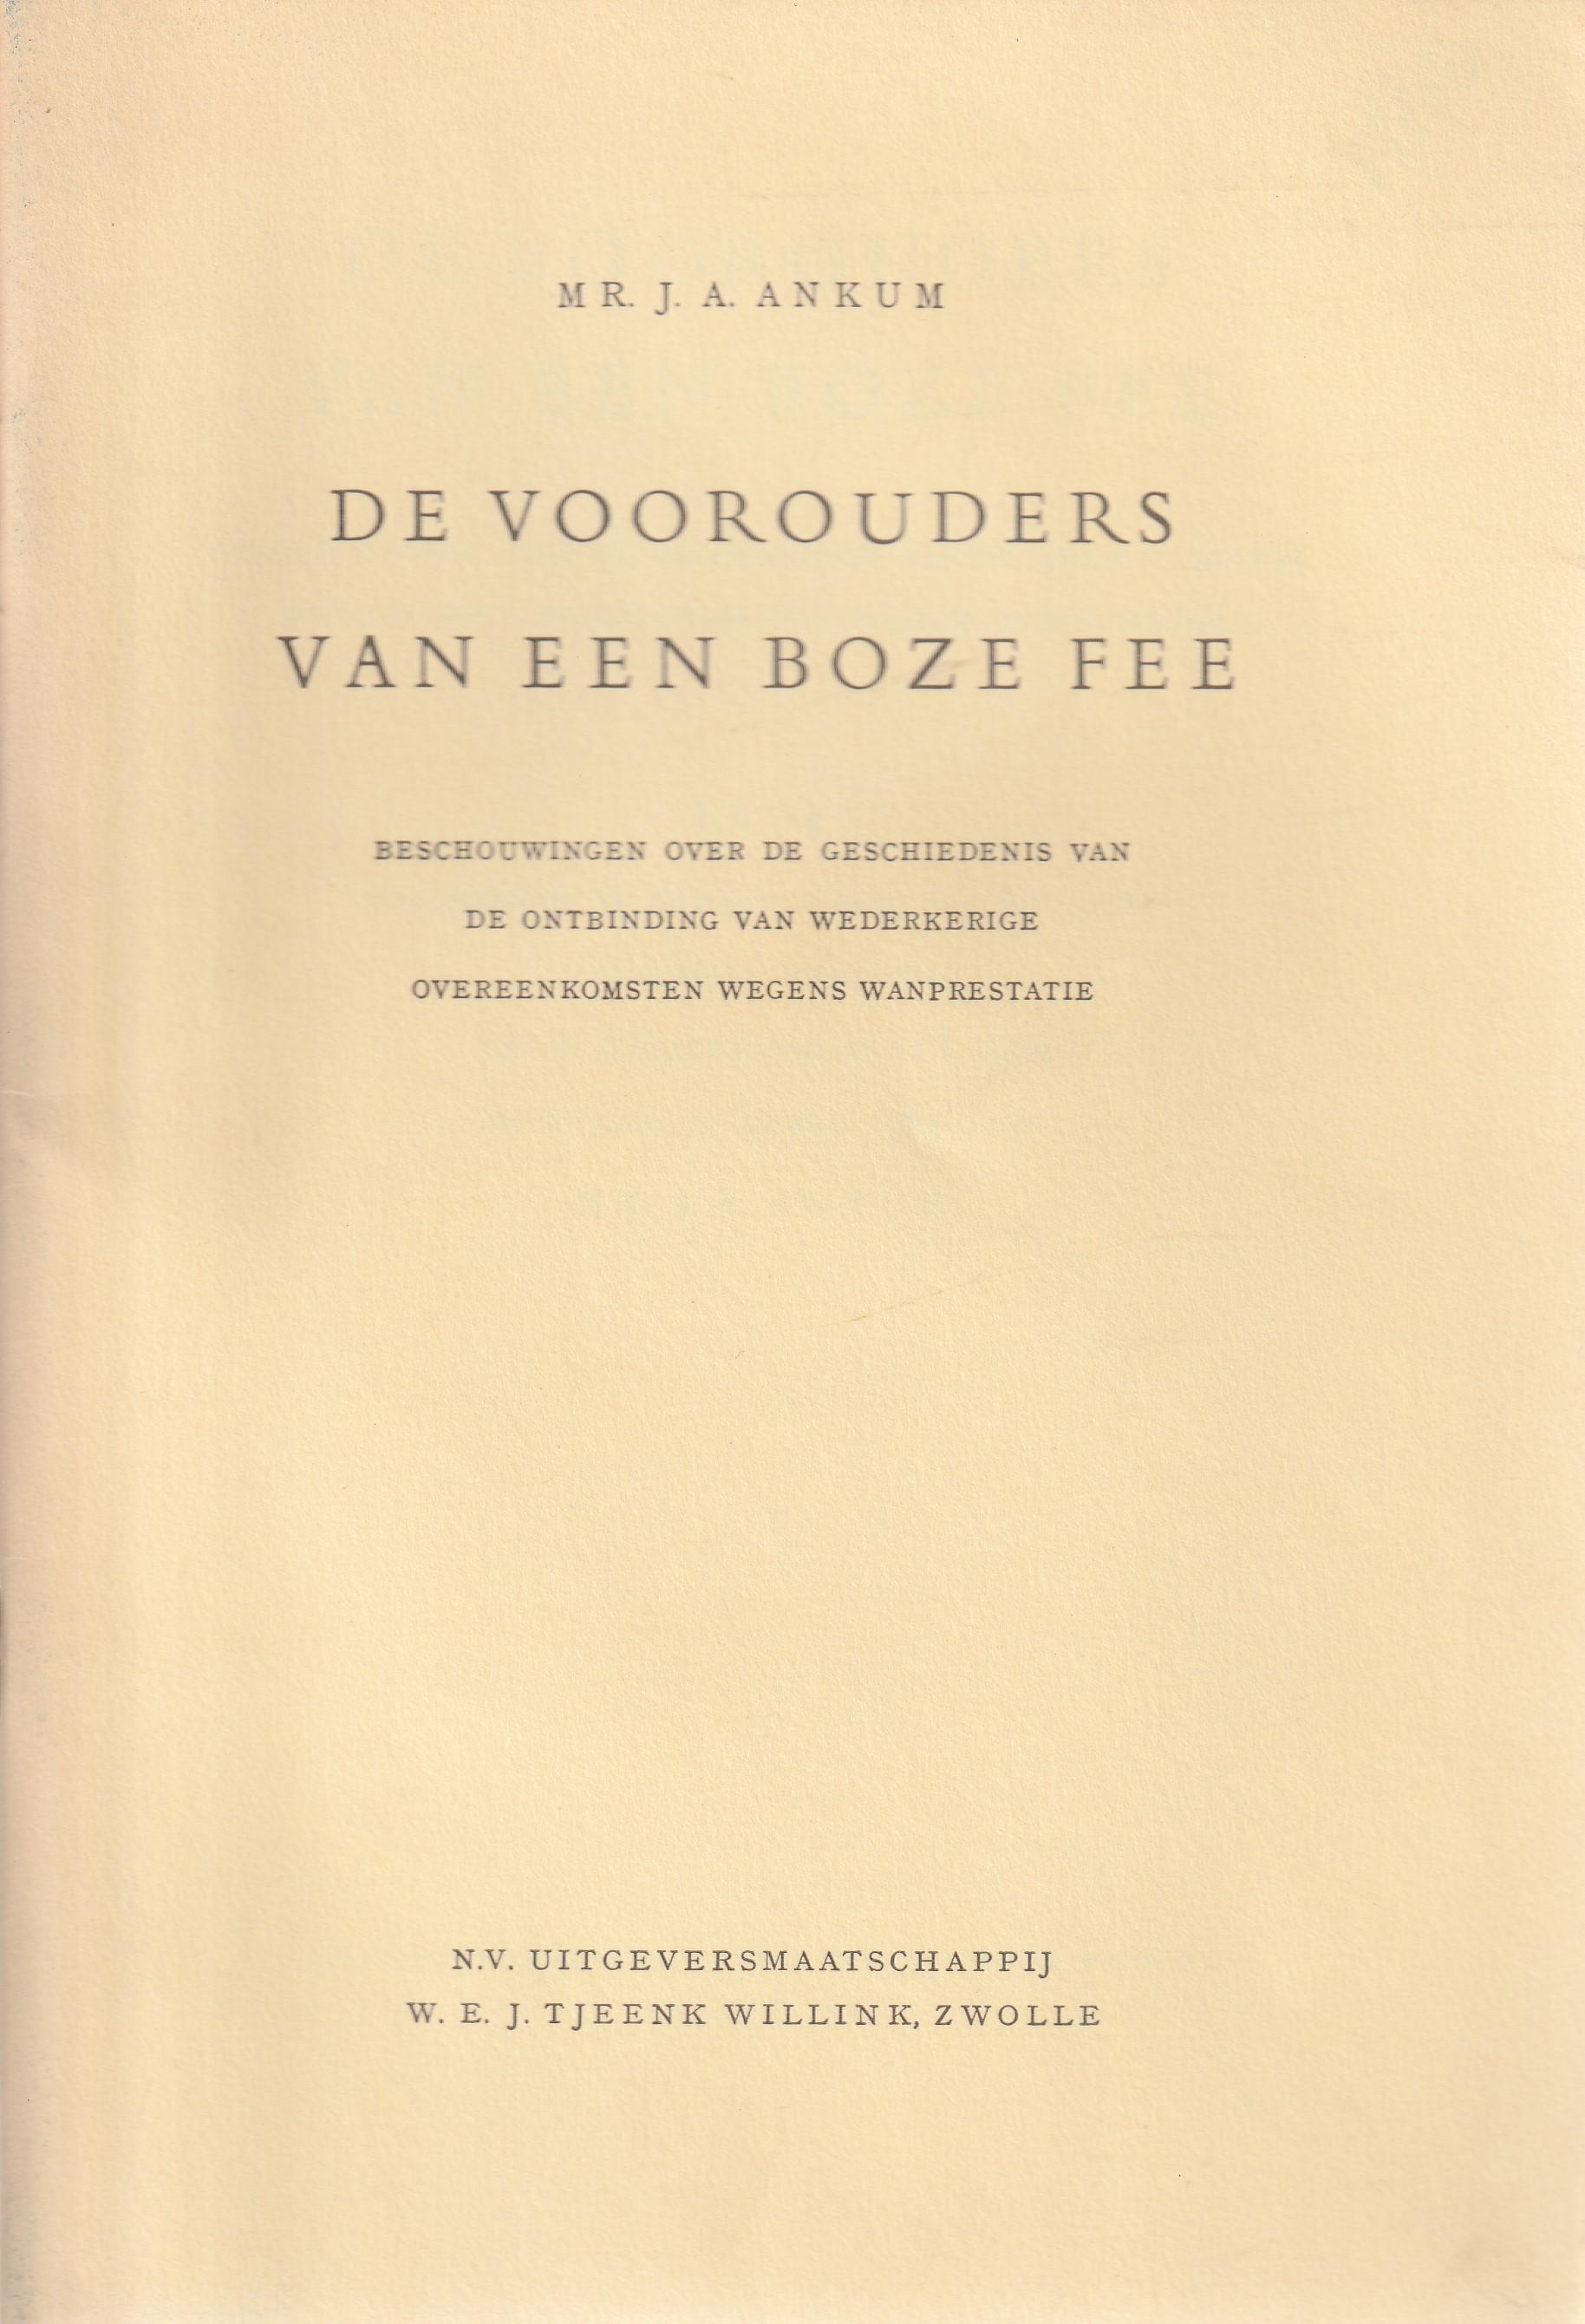 De voorouders van een boze fee; beschouwingen over de geschiedenis van de ontbinding van wederkerige overeenkomsten wegens wanprestatie - Rede 1964